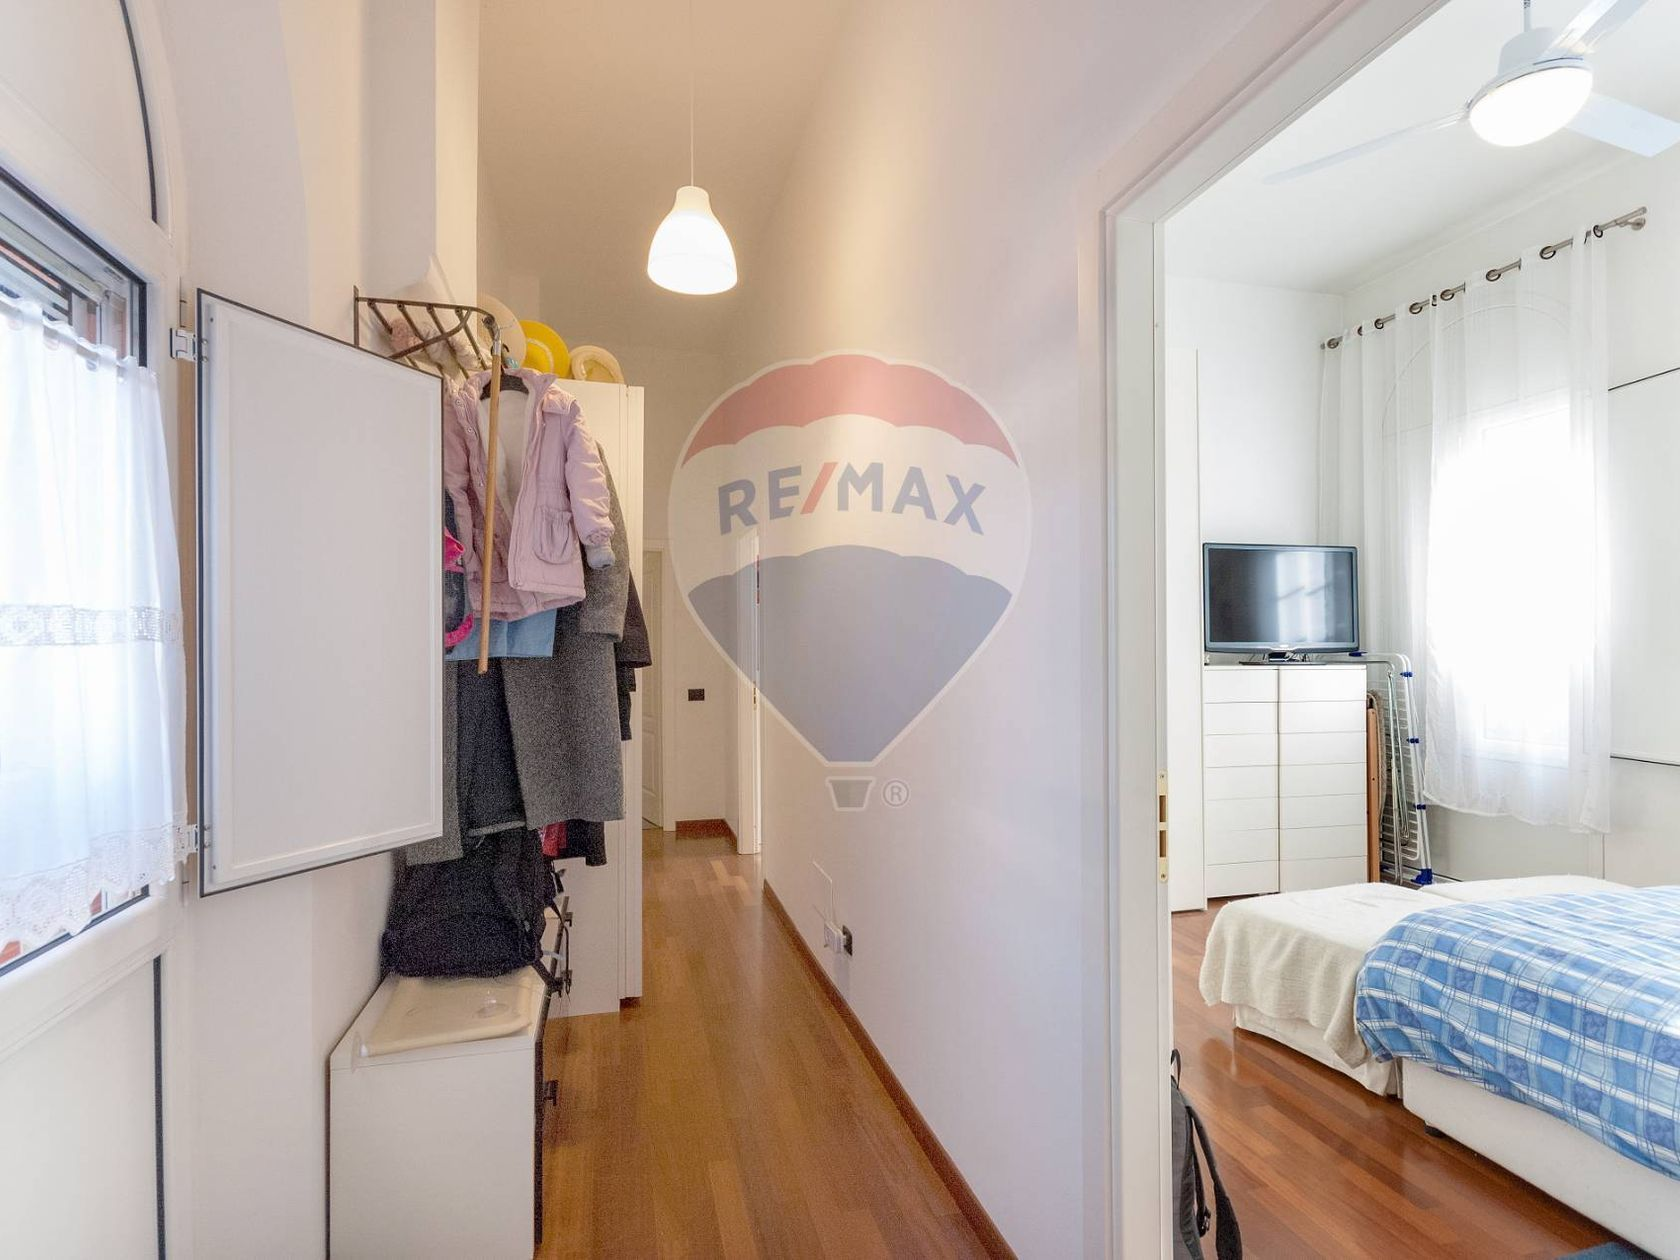 Appartamento Zona Centro Storico, San Giovanni in Persiceto, BO Vendita - Foto 15